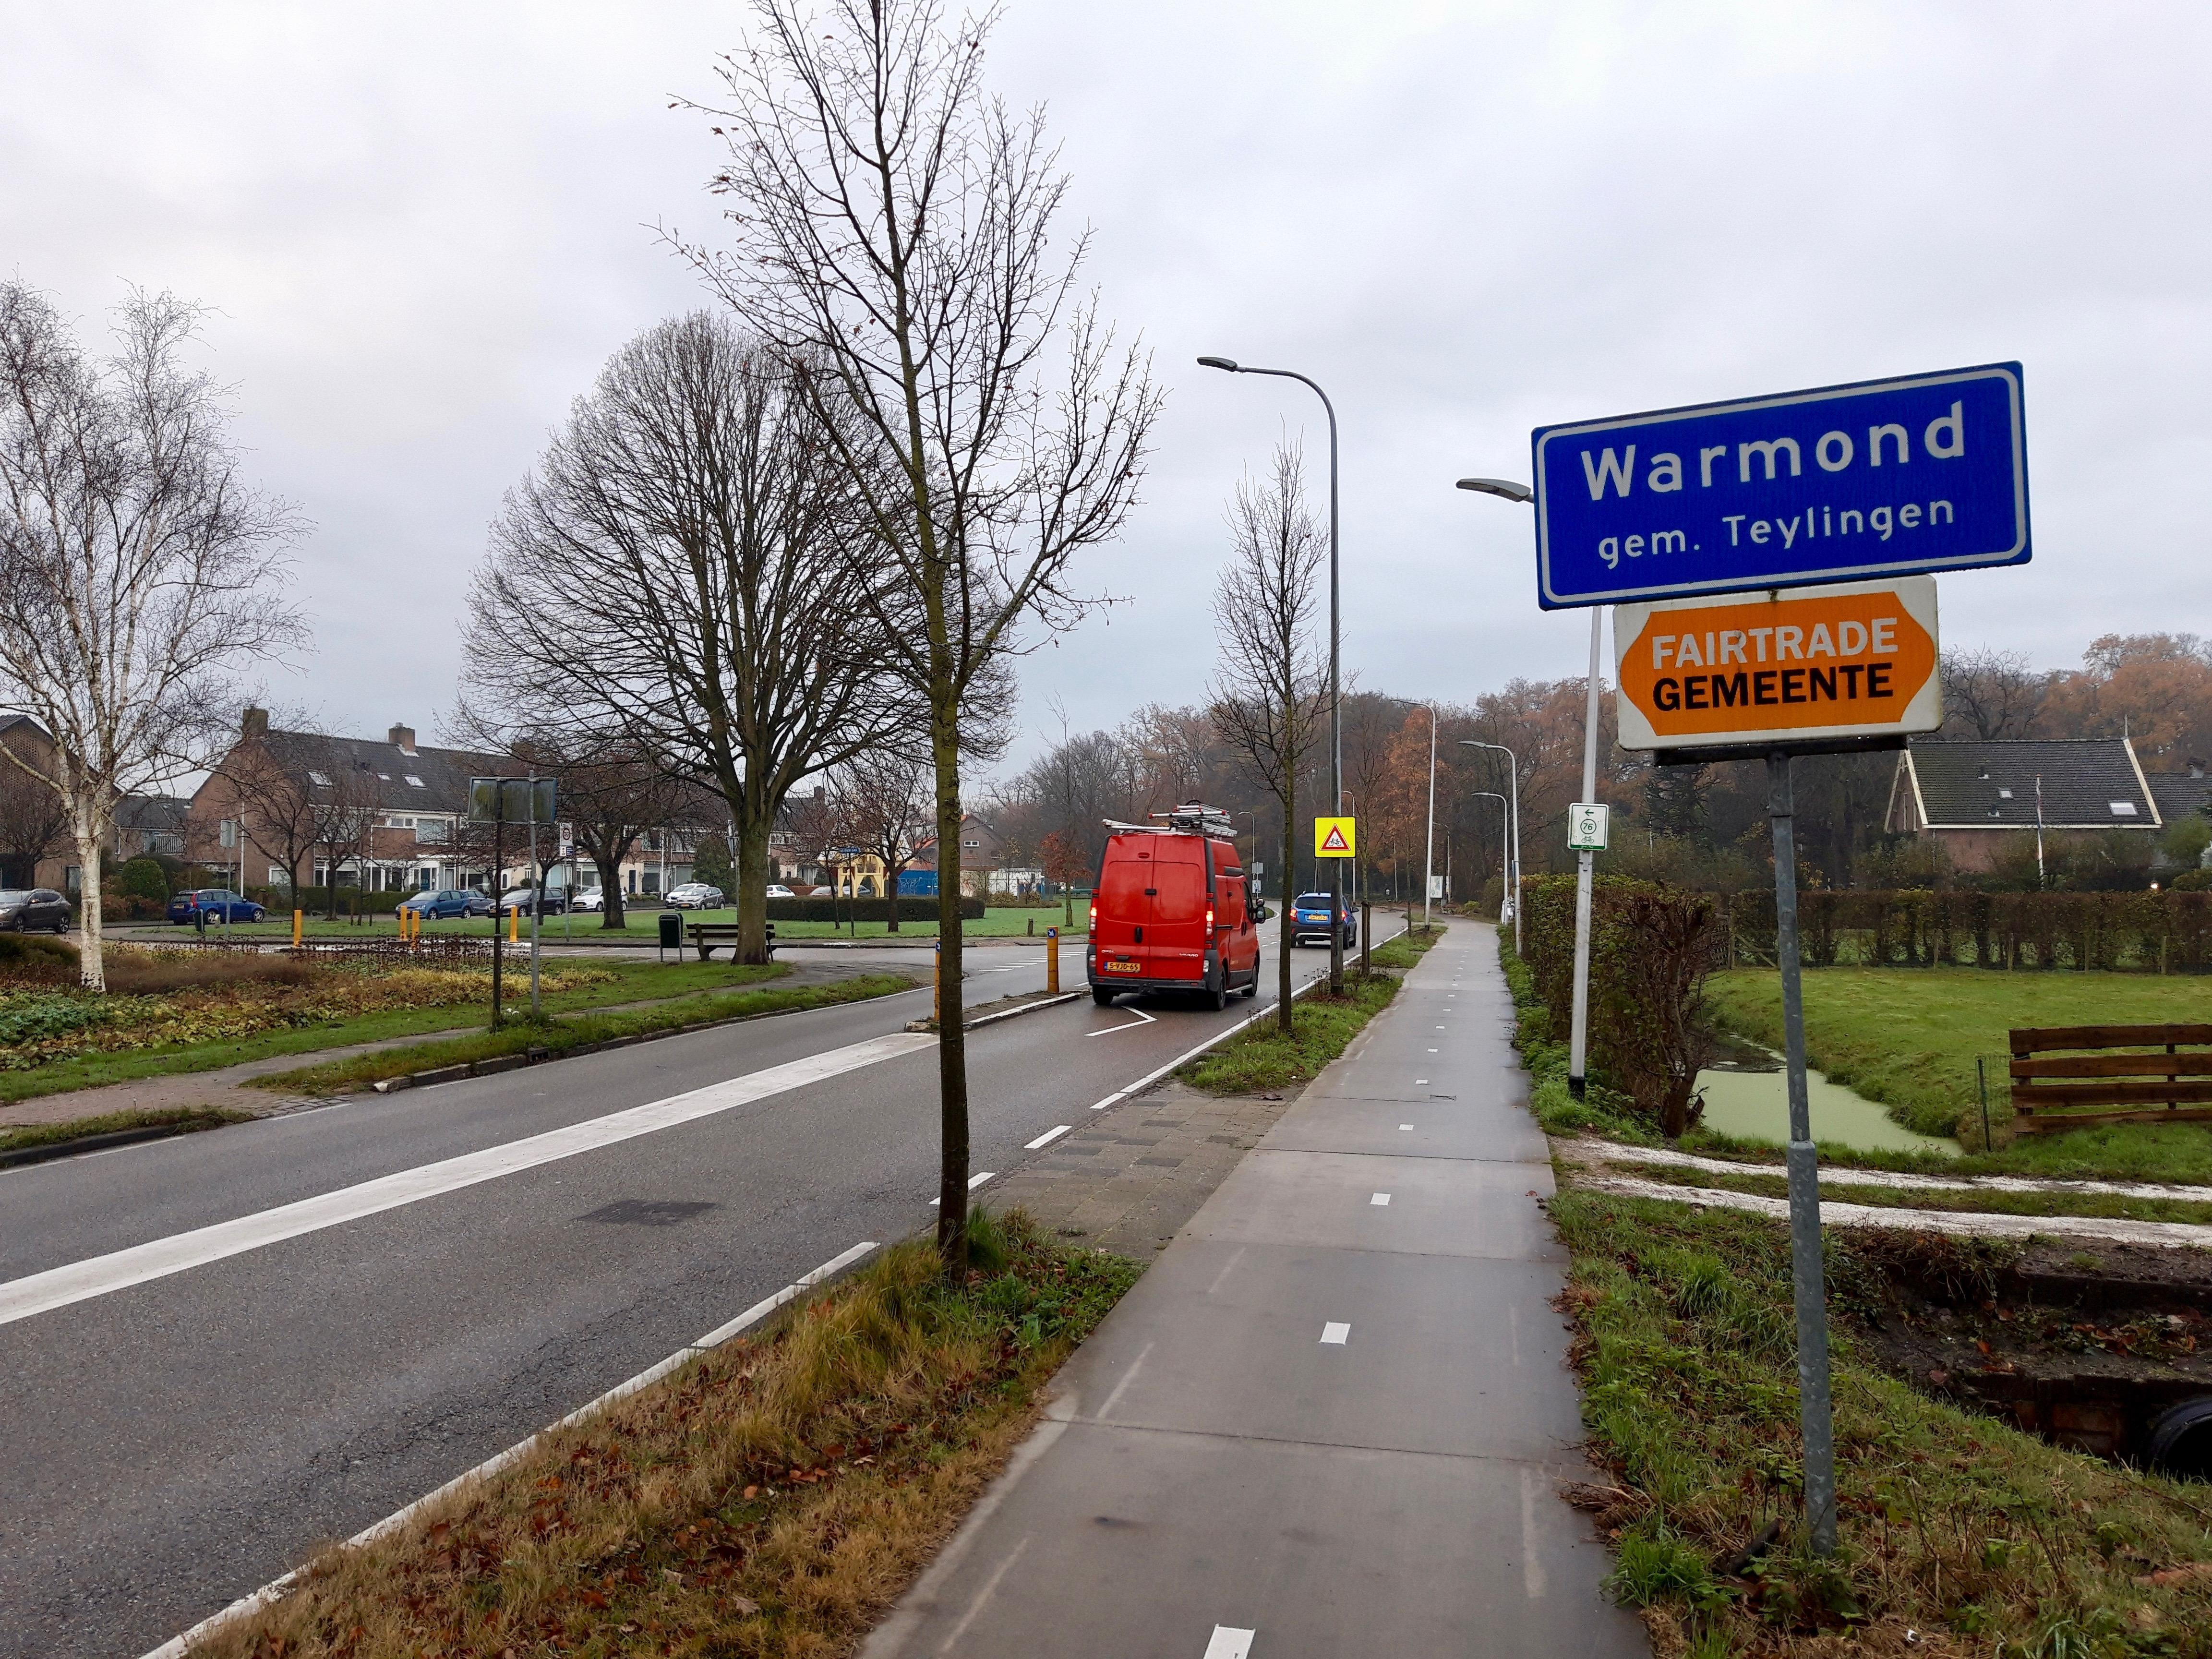 Alternatief VVD voor Herenweg Warmond: Schrap fietspad vanaf Beatrixlaan voor 30 kilometer